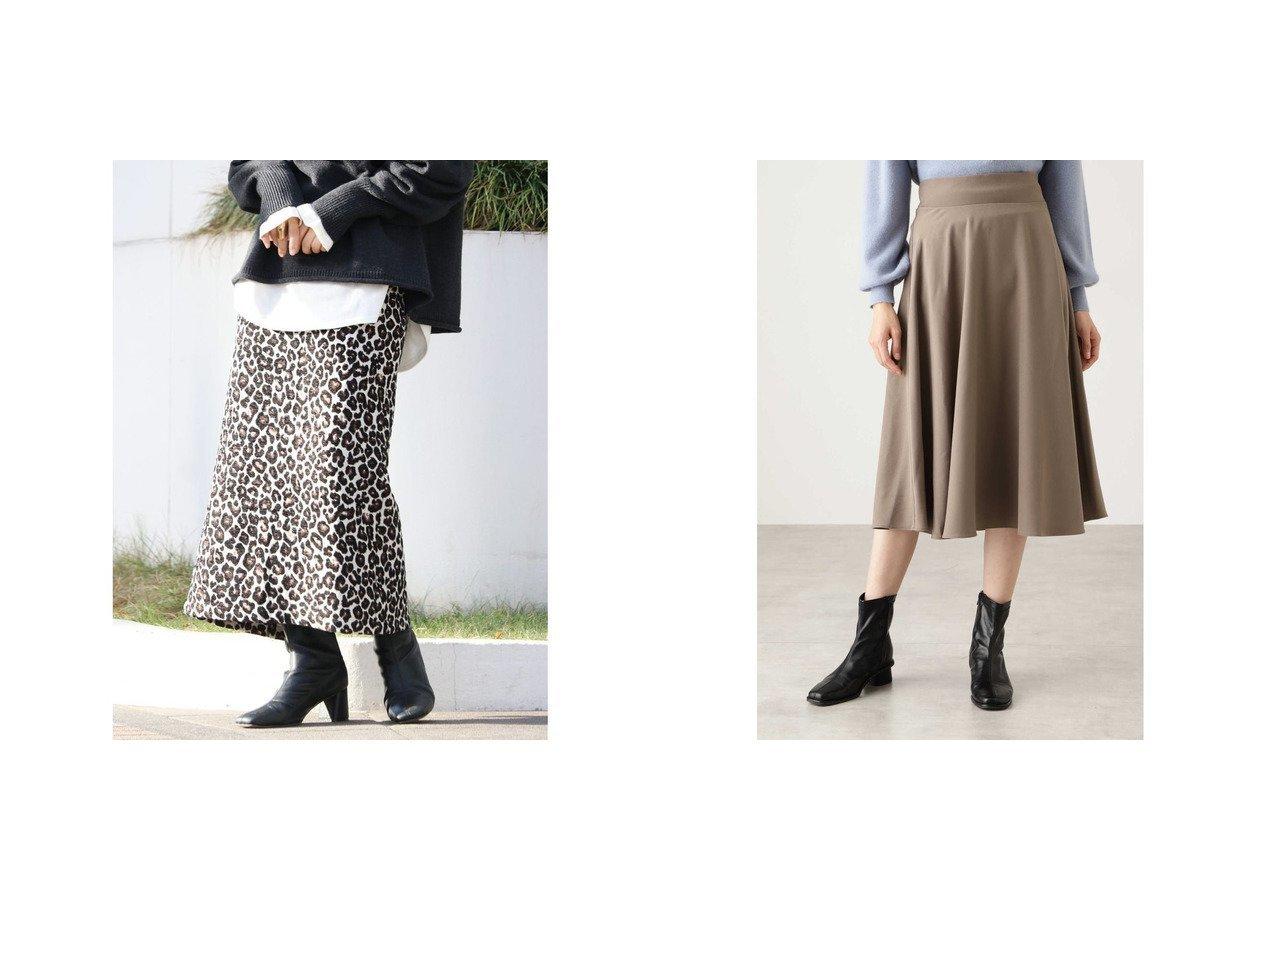 【N.Natural Beauty basic/エヌ ナチュラルビューティーベーシック】のスモーキーフレアスカート&【UNGRID/アングリッド】のUngrid レオパードジャカードスカート スカートのおすすめ!人気、レディースファッションの通販 おすすめで人気のファッション通販商品 インテリア・家具・キッズファッション・メンズファッション・レディースファッション・服の通販 founy(ファニー) https://founy.com/ ファッション Fashion レディース WOMEN スカート Skirt Aライン/フレアスカート Flared A-Line Skirts アクセサリー ショート シンプル ジャカード スニーカー スリット タイトスカート バランス レオパード フレア ベーシック ミモレ |ID:crp329100000004898